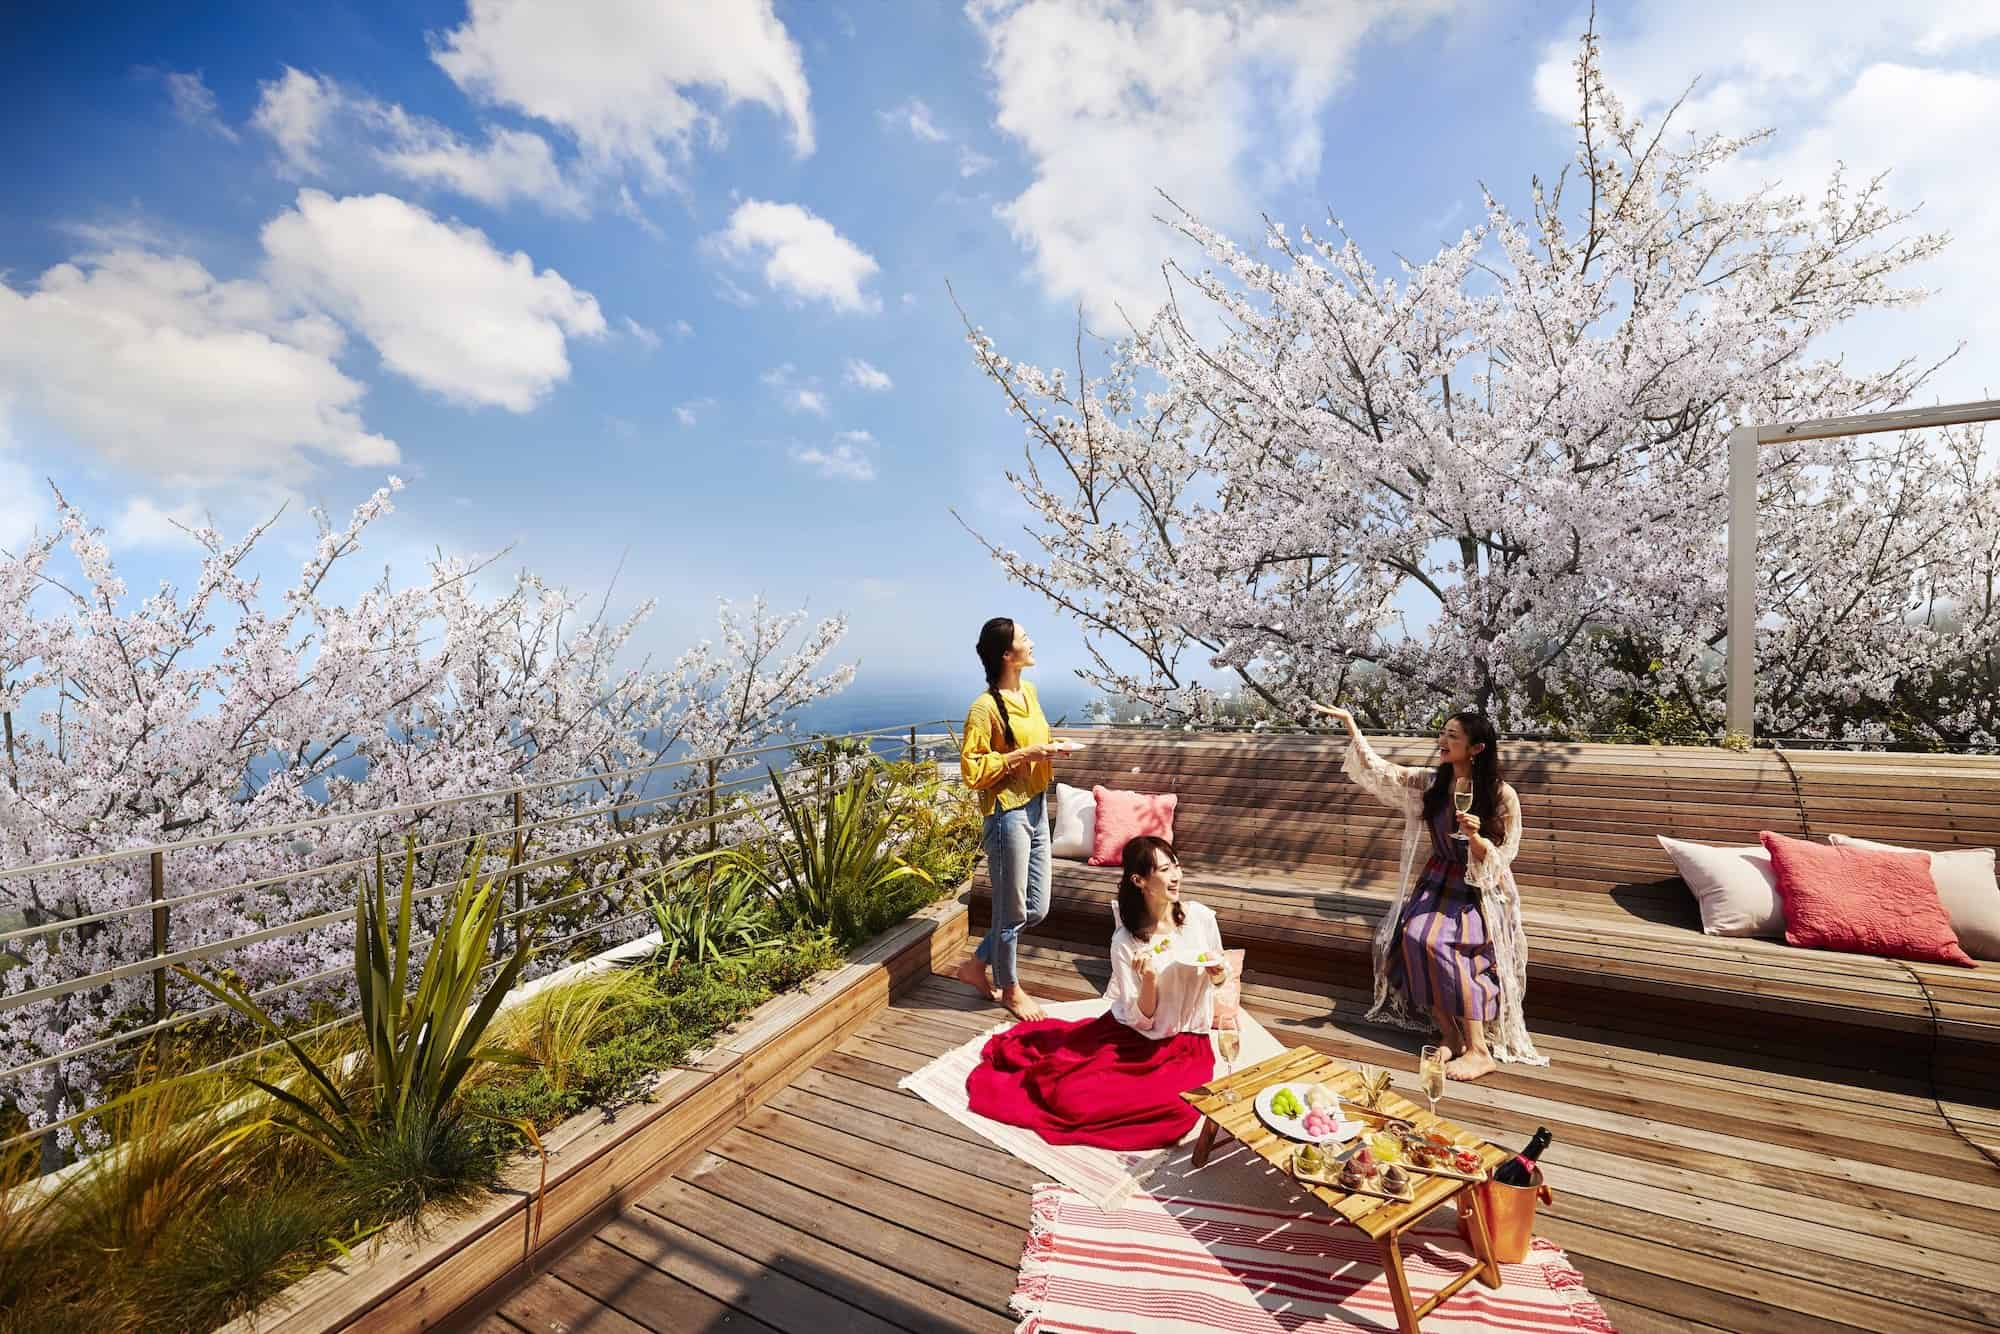 リゾナーレ熱海お花見ステイ RISONARE Atami 日本旅行